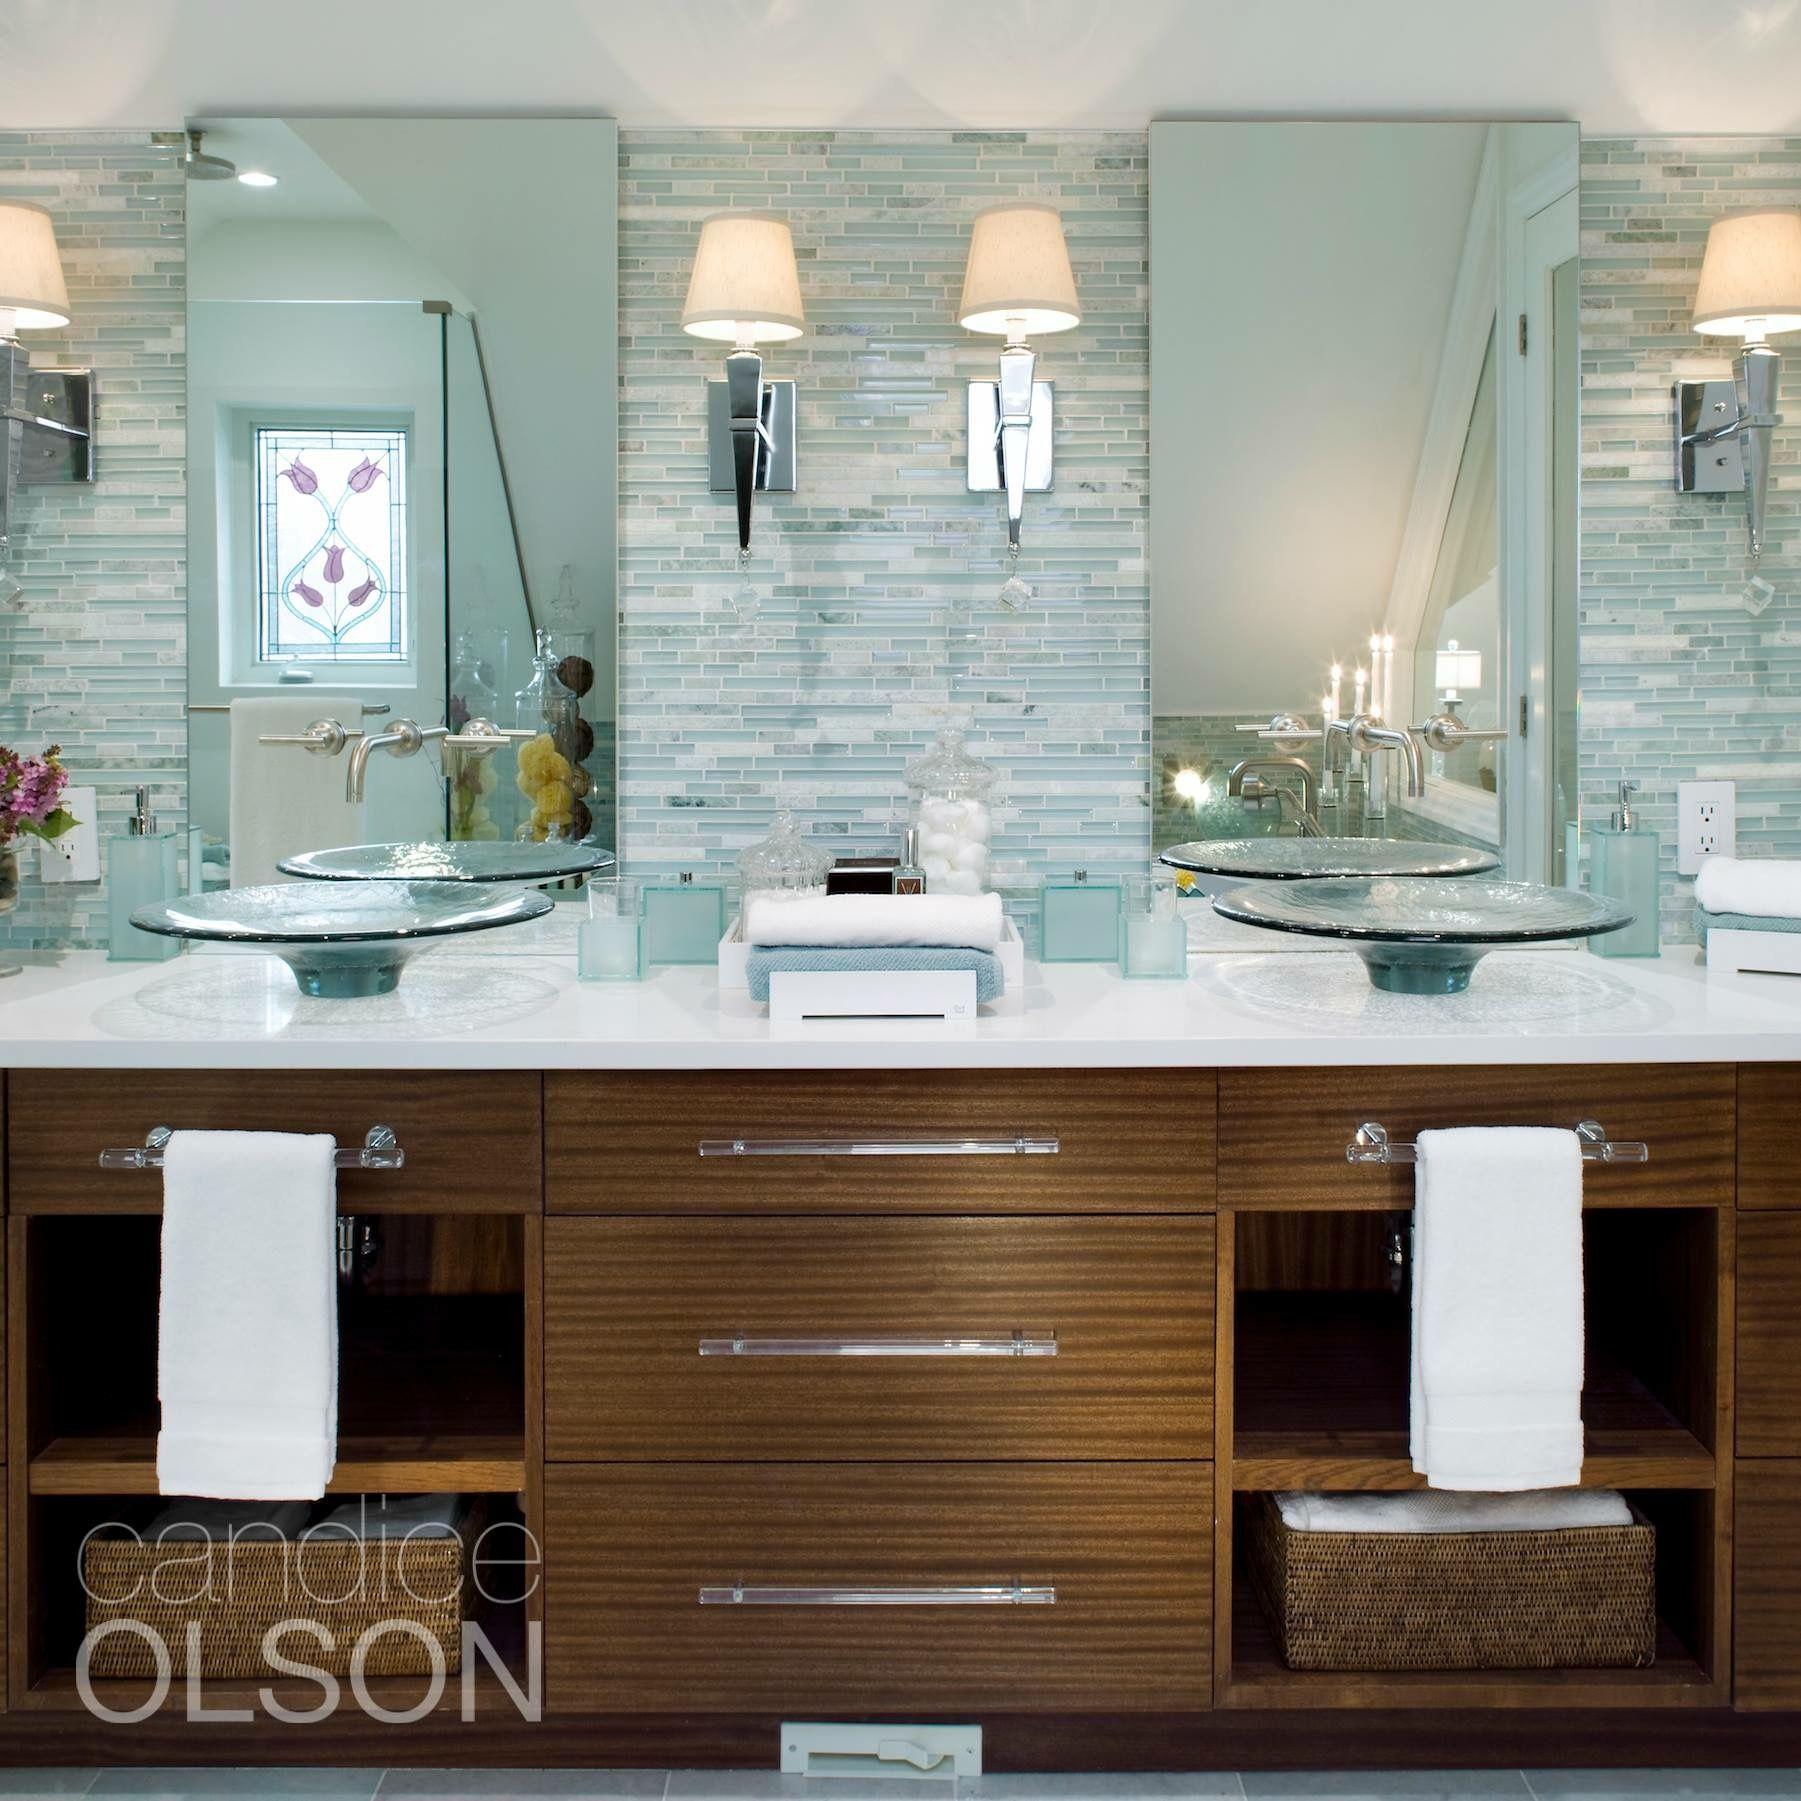 Candice Olson Bathroom Design Pinkayla Nguyen On Candice Olson  Pinterest  Candice Olson